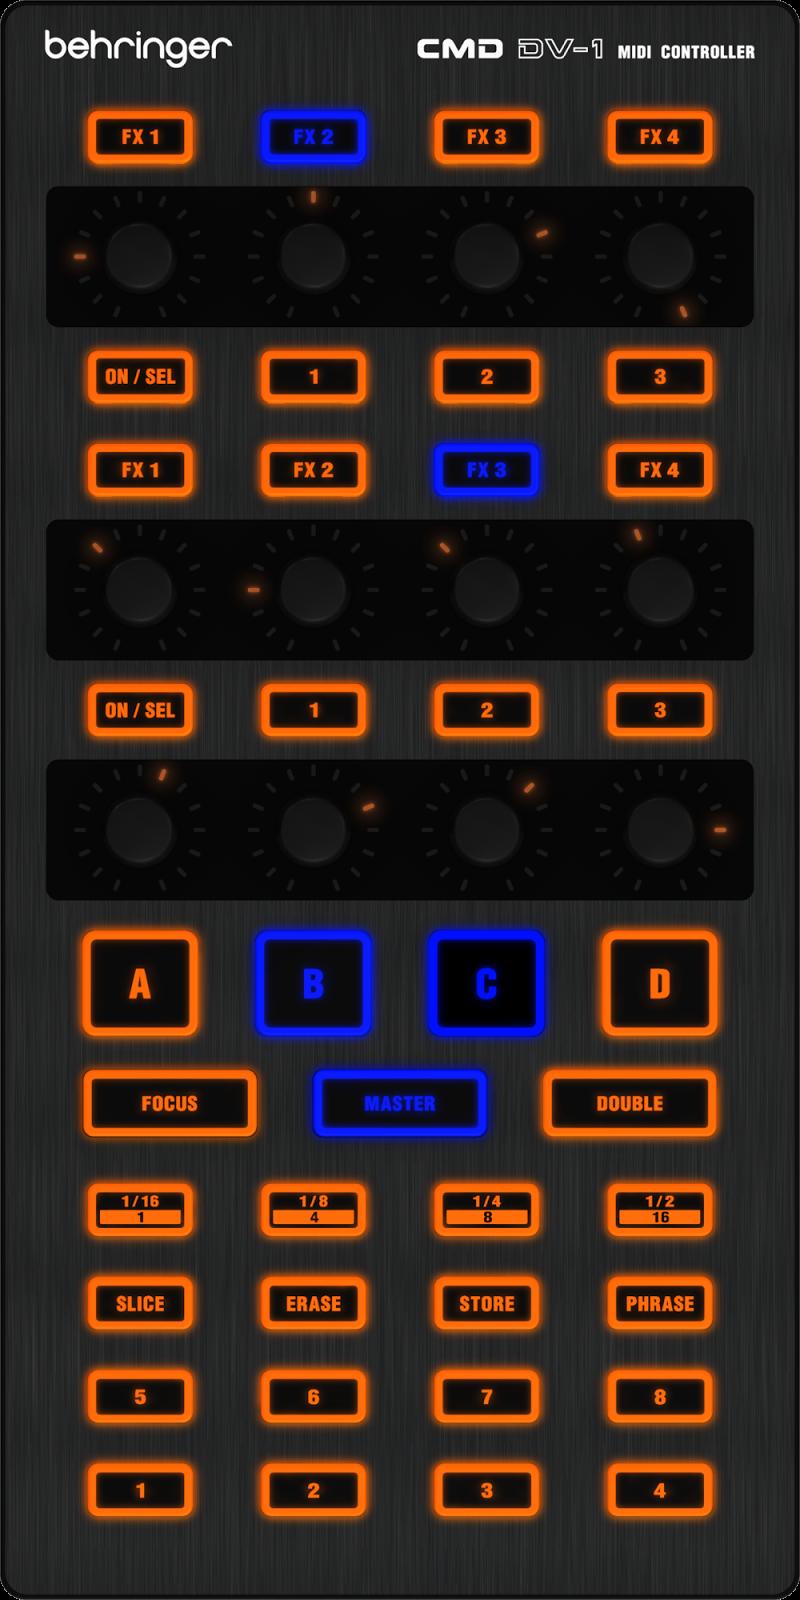 Controlador Behringer CMD DV-1